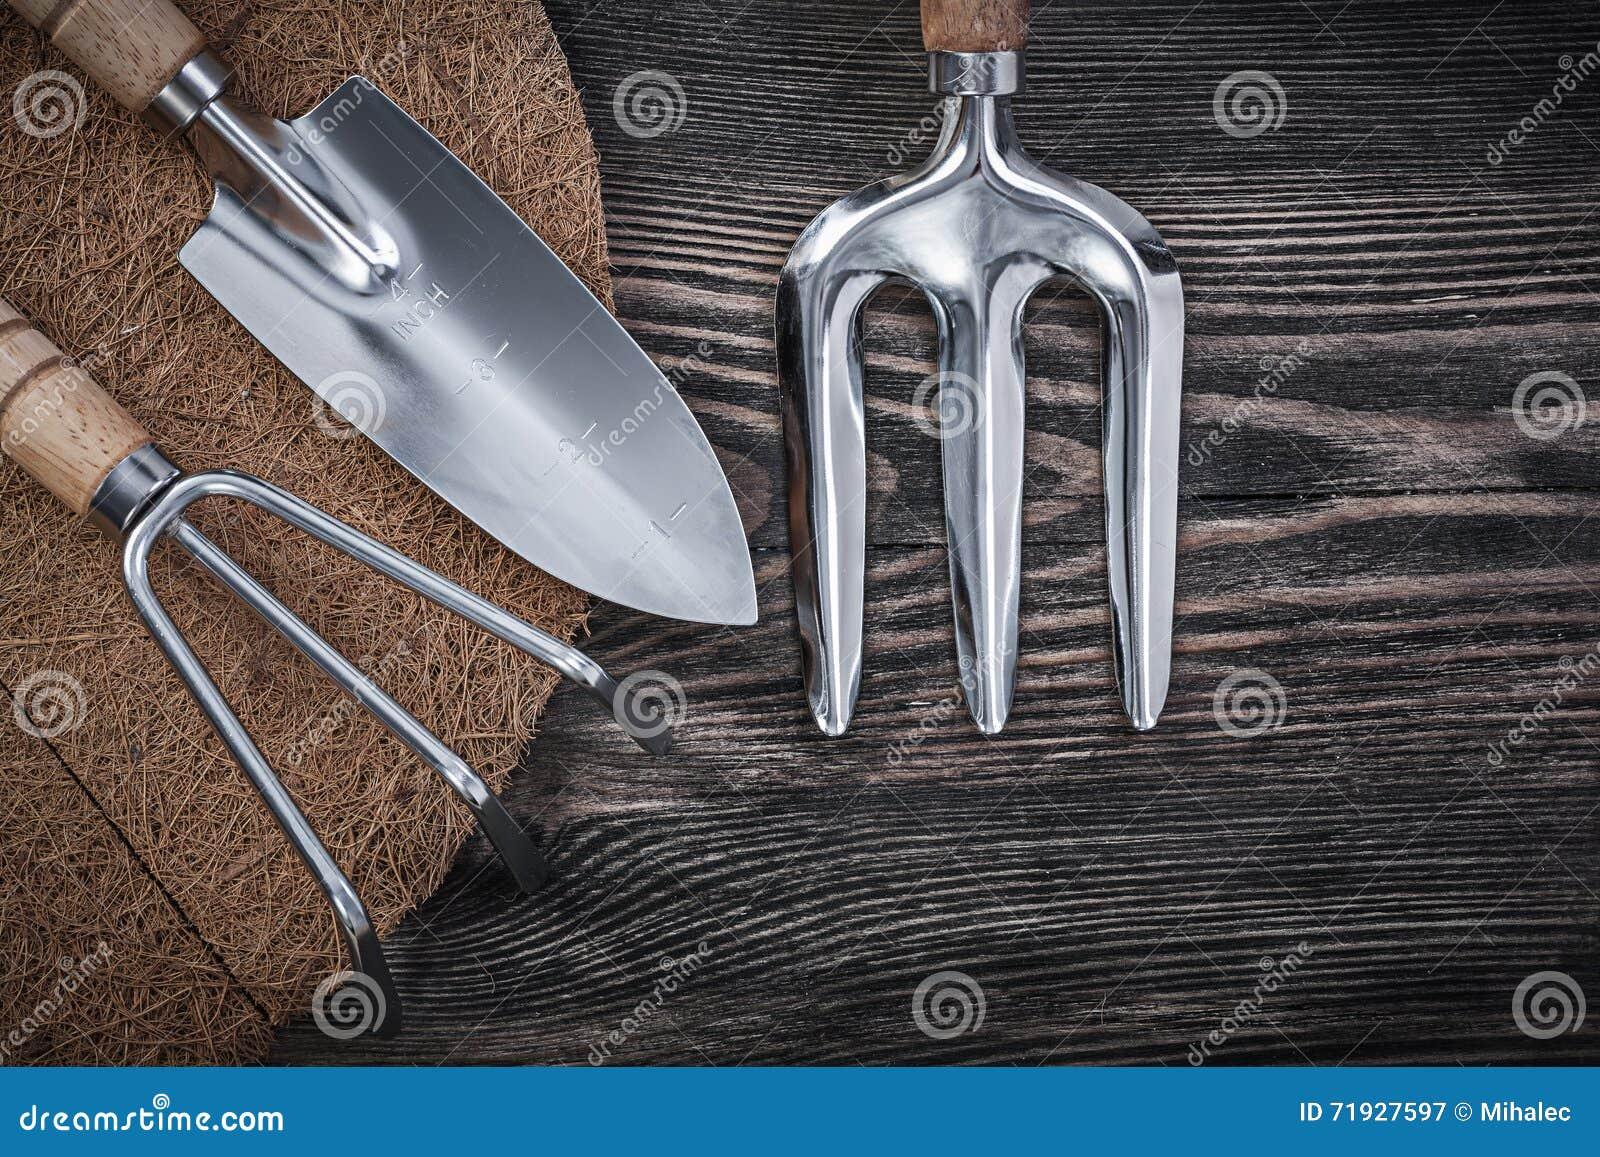 Paillis Noix De Coco pelle à fourchette de truelle de râteau de tapis de paillis